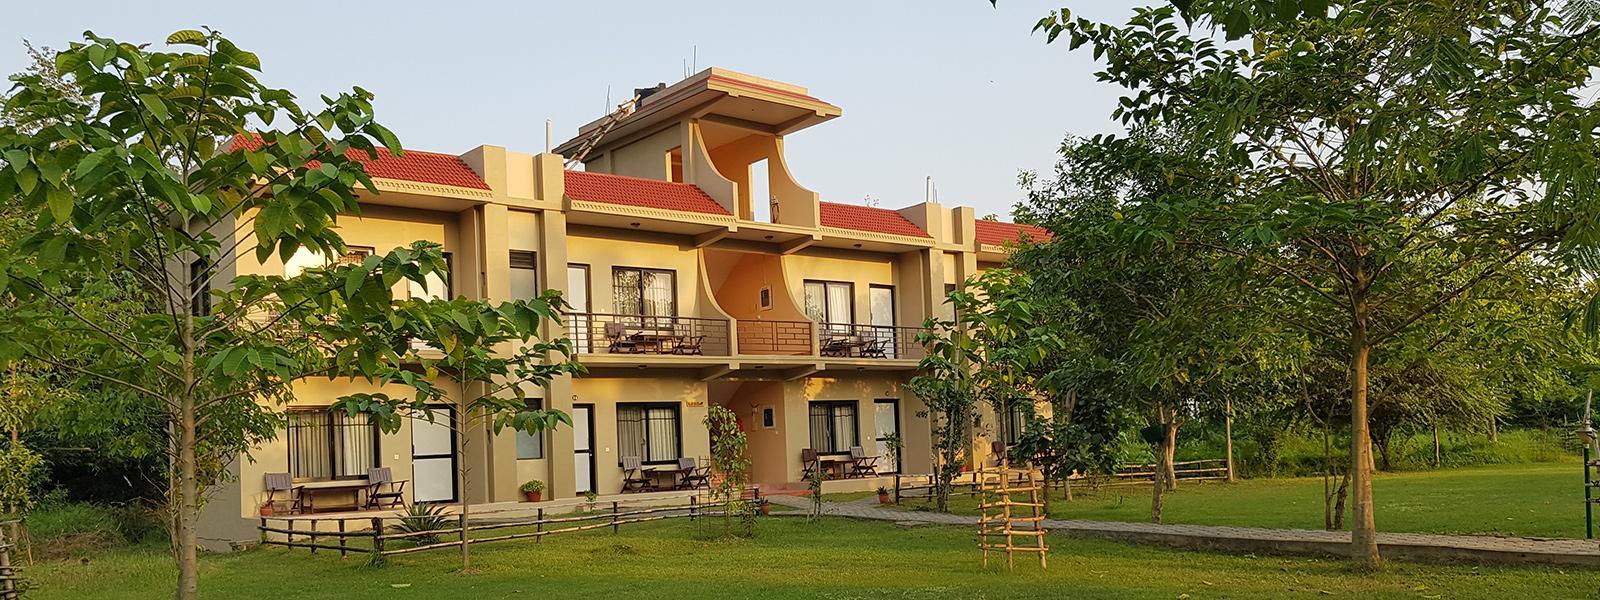 Cottage Deluxe Room Lumbini Tour Best Price Lumbini Hotels Lumbini Buddha Garden